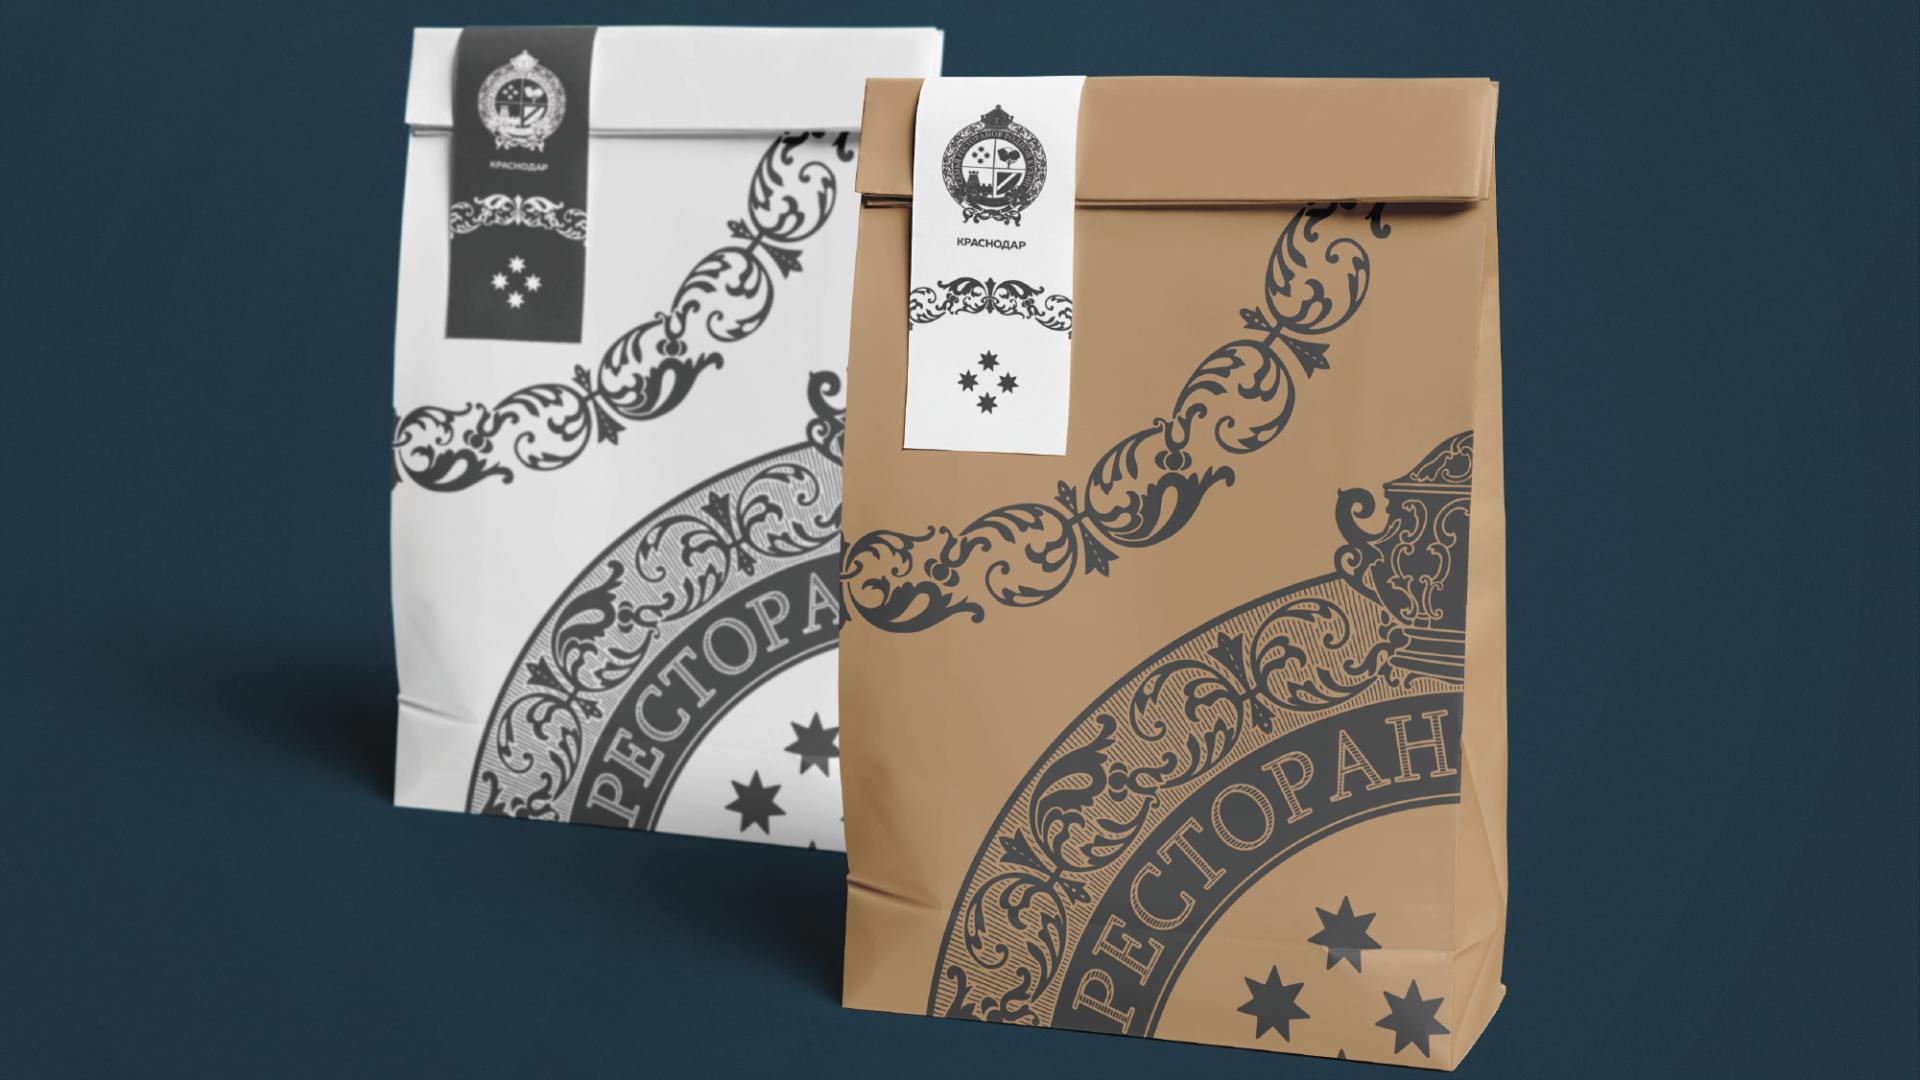 Семья ресторанов Родной кухни - HMS Brands - кейсы, брендинг - пакет